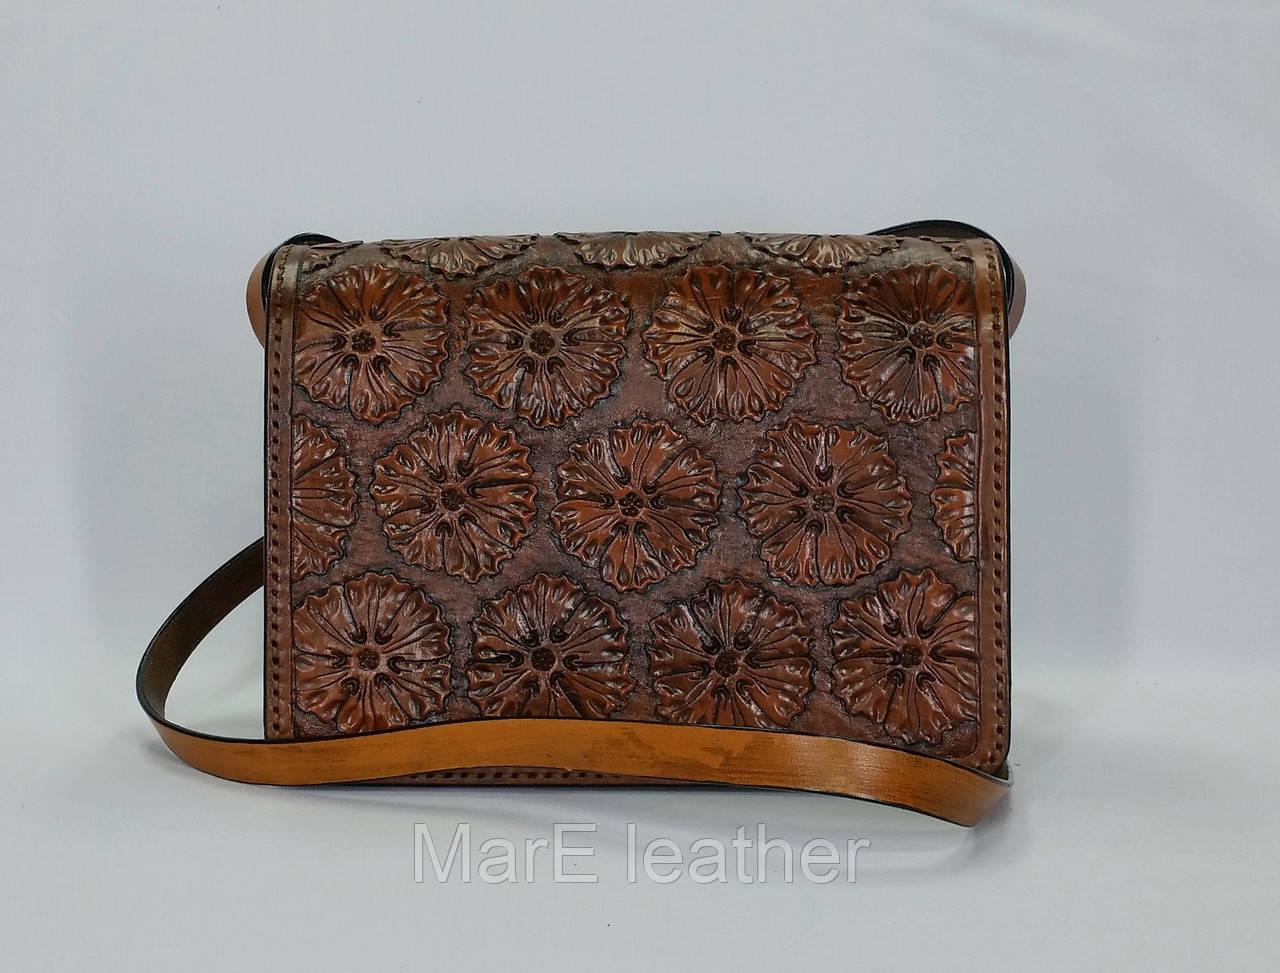 3b05bc8aff09 Женская сумочка ручной работы с тисненым рисунком (15.5 х 22 х 10.5 см) -